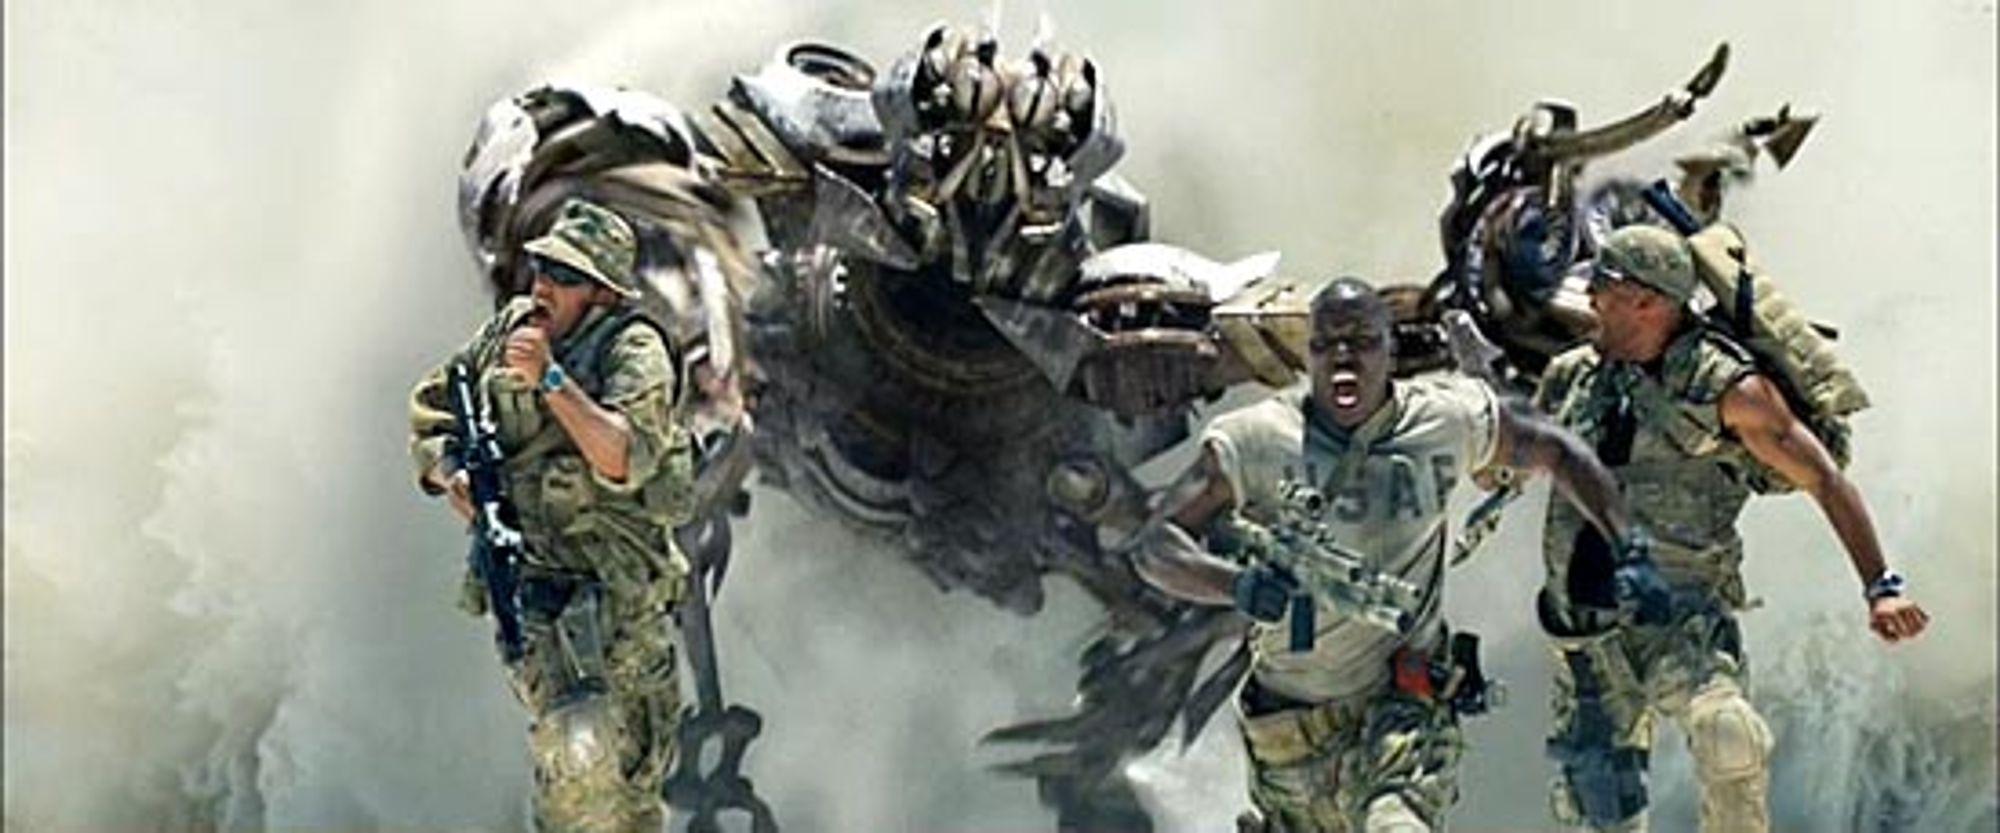 Også amerikanske soldater driter nesten på seg når en Decepticon spruter ut av ørkensanden.